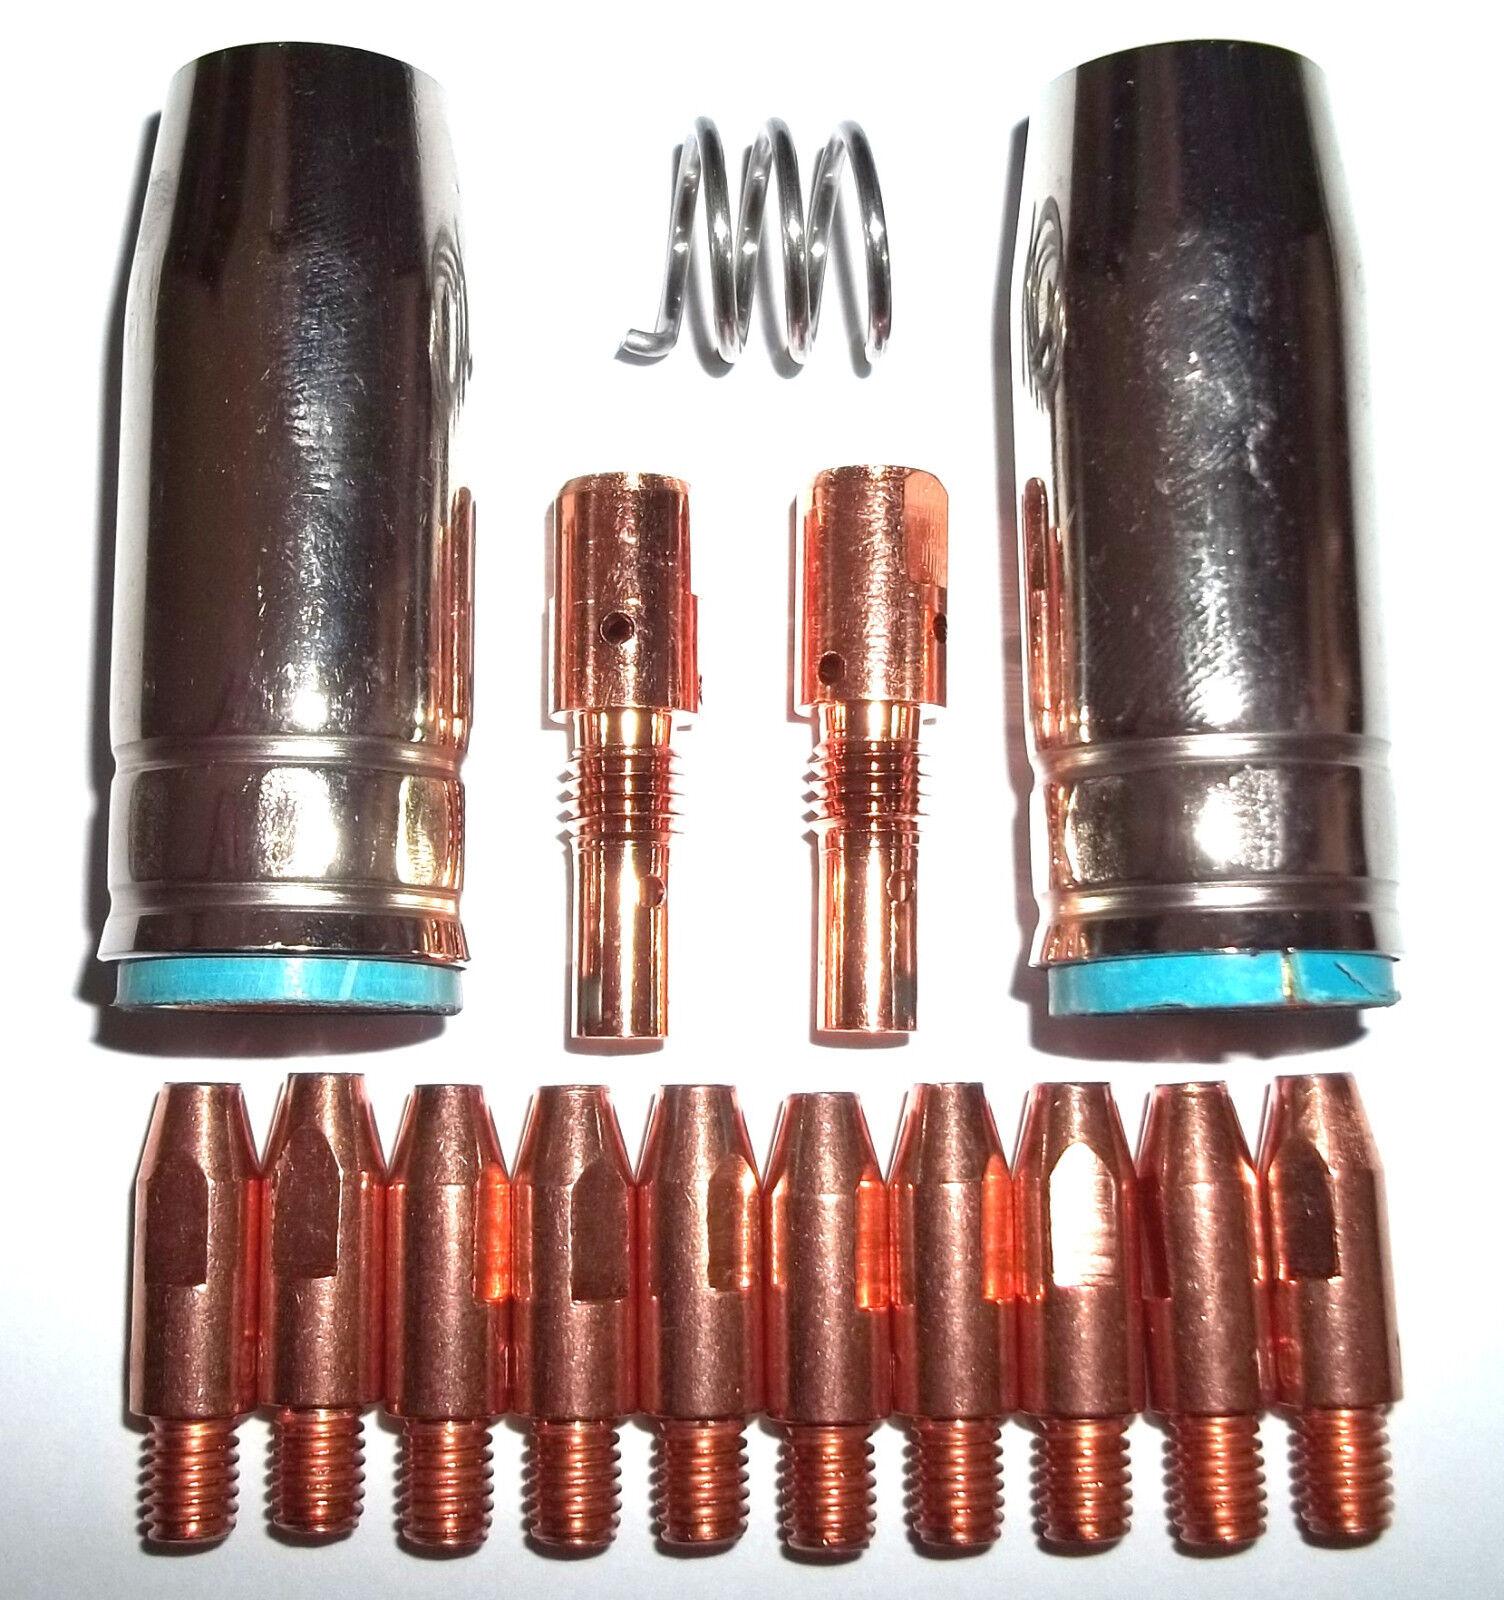 Verschleissteile Set für MB25 250 mit Gasdüsen,Düsenstock und 1,0mm Stromdüsen